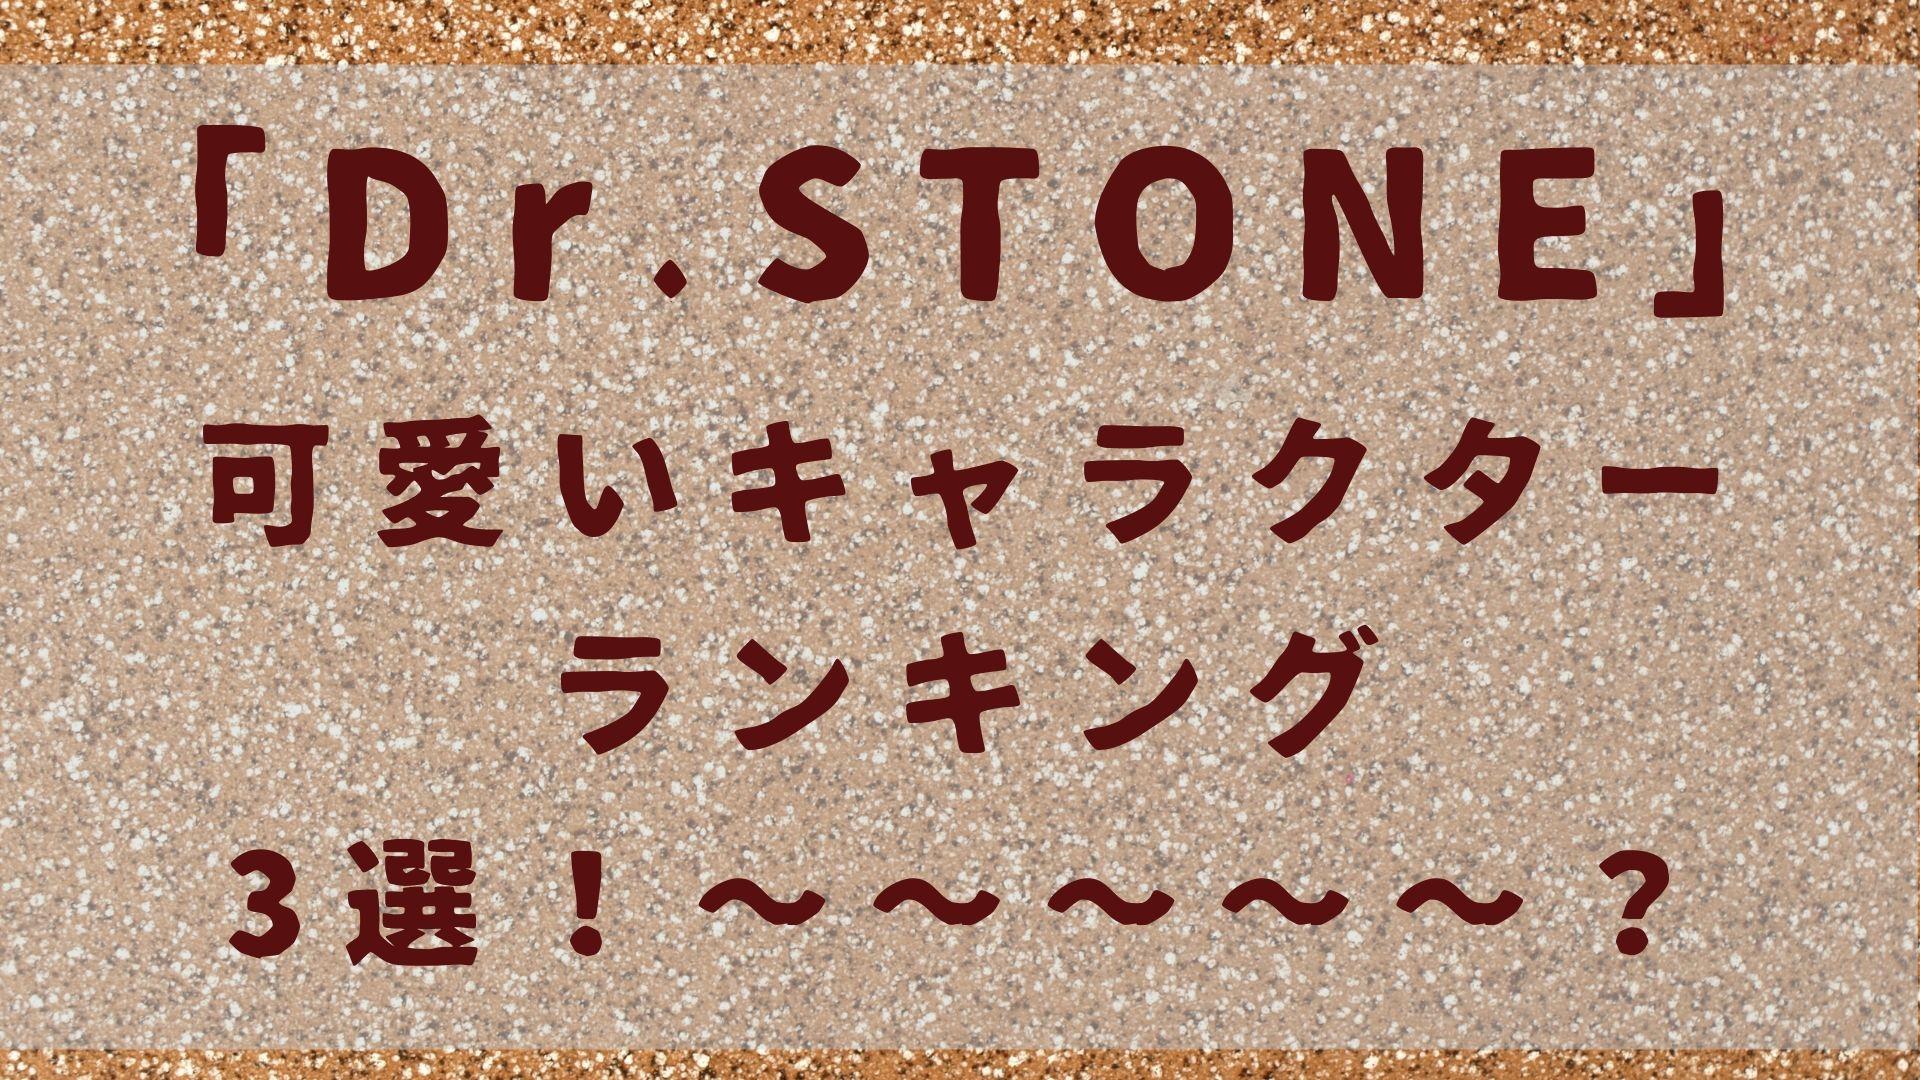 ドクターストーン可愛いキャラクターランキング3選!〜〜〜〜〜?